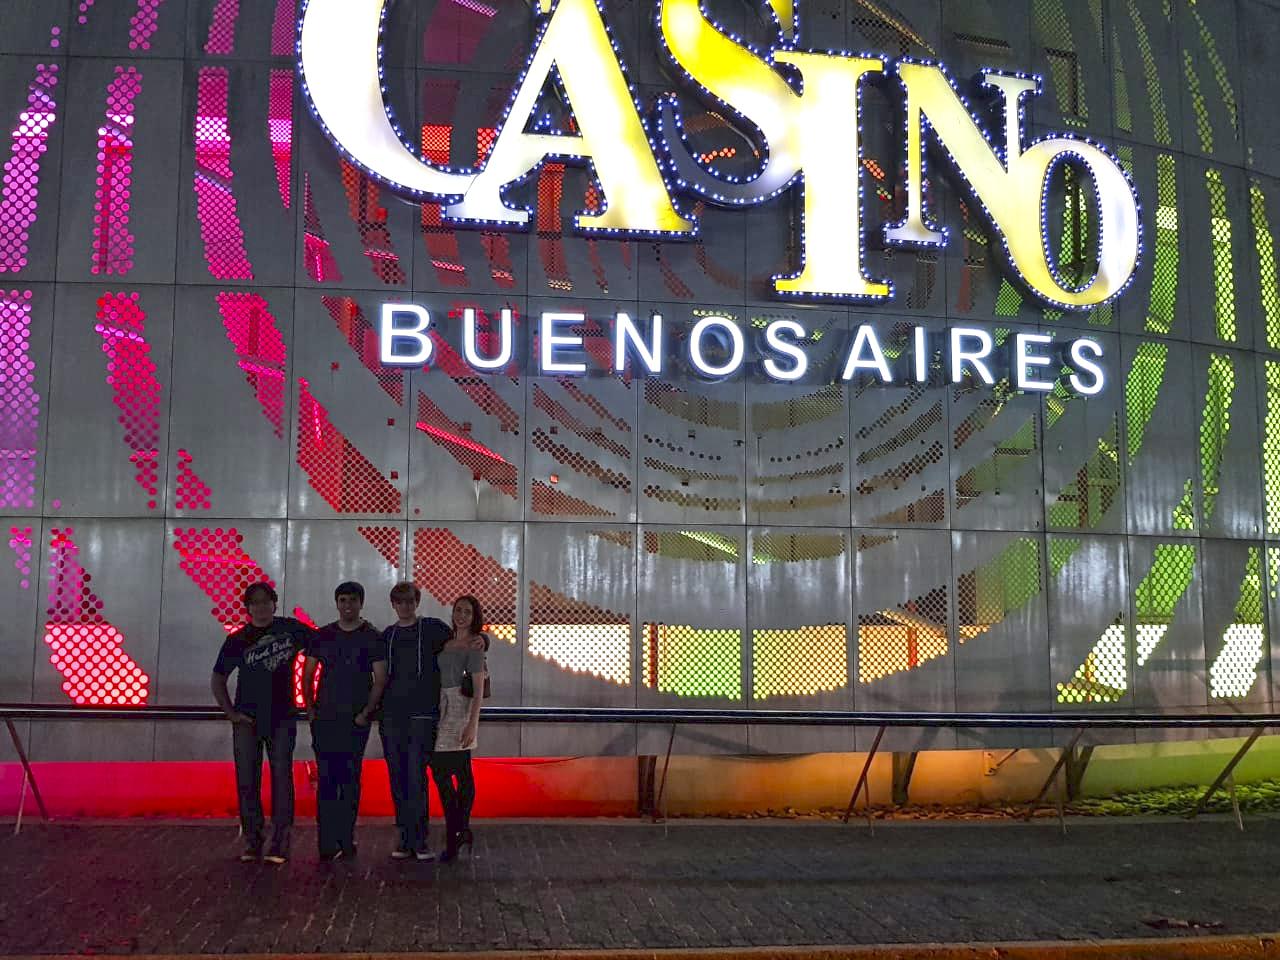 Família em frente a letreiro com luzes neon escrito Casino Buenos Aires.